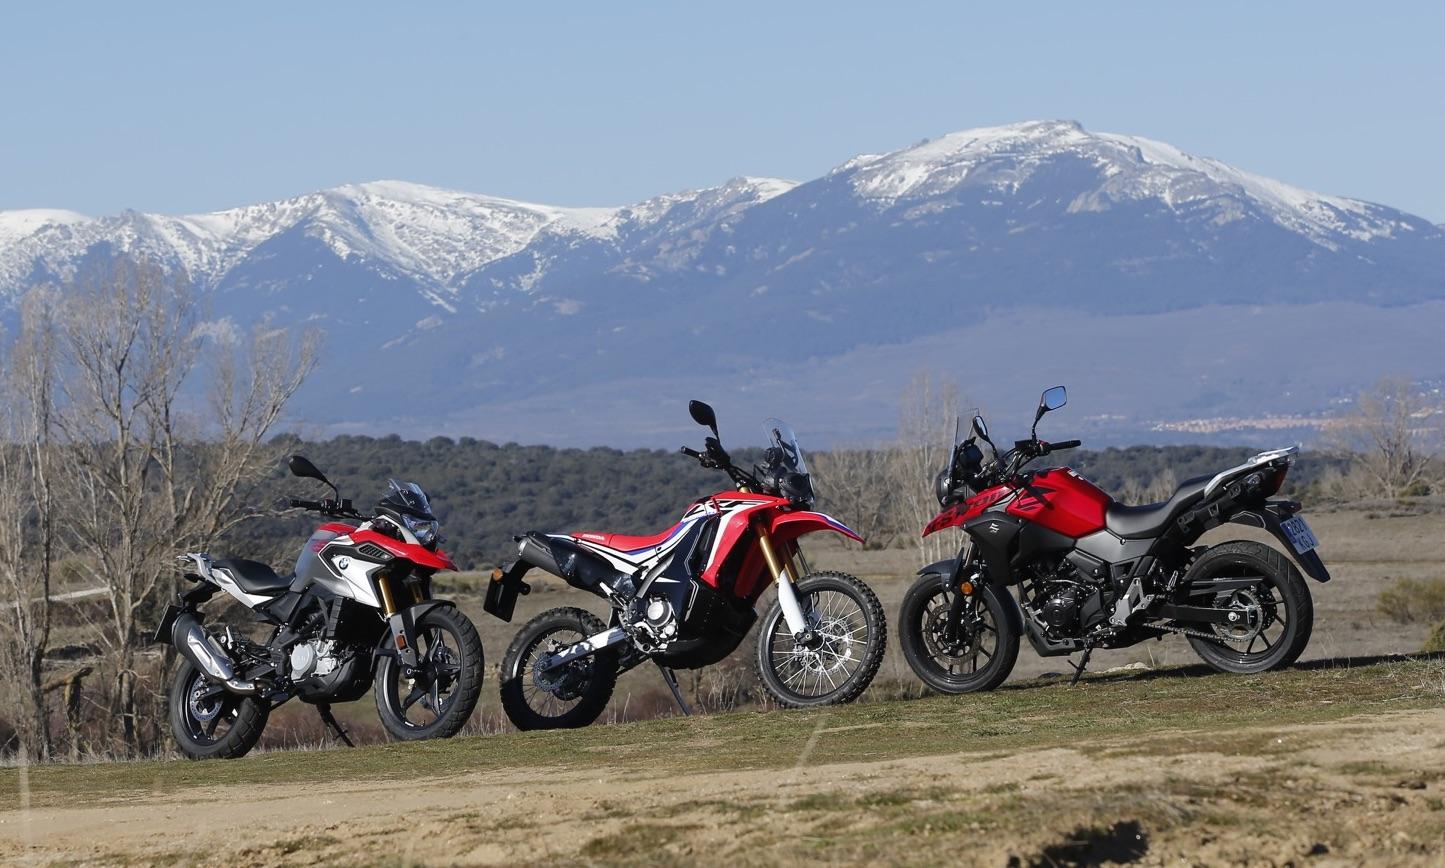 Comparativa trail: BMW G 310 GS vs. Honda CRF250 rally vs. Suzuki V-Strom 250